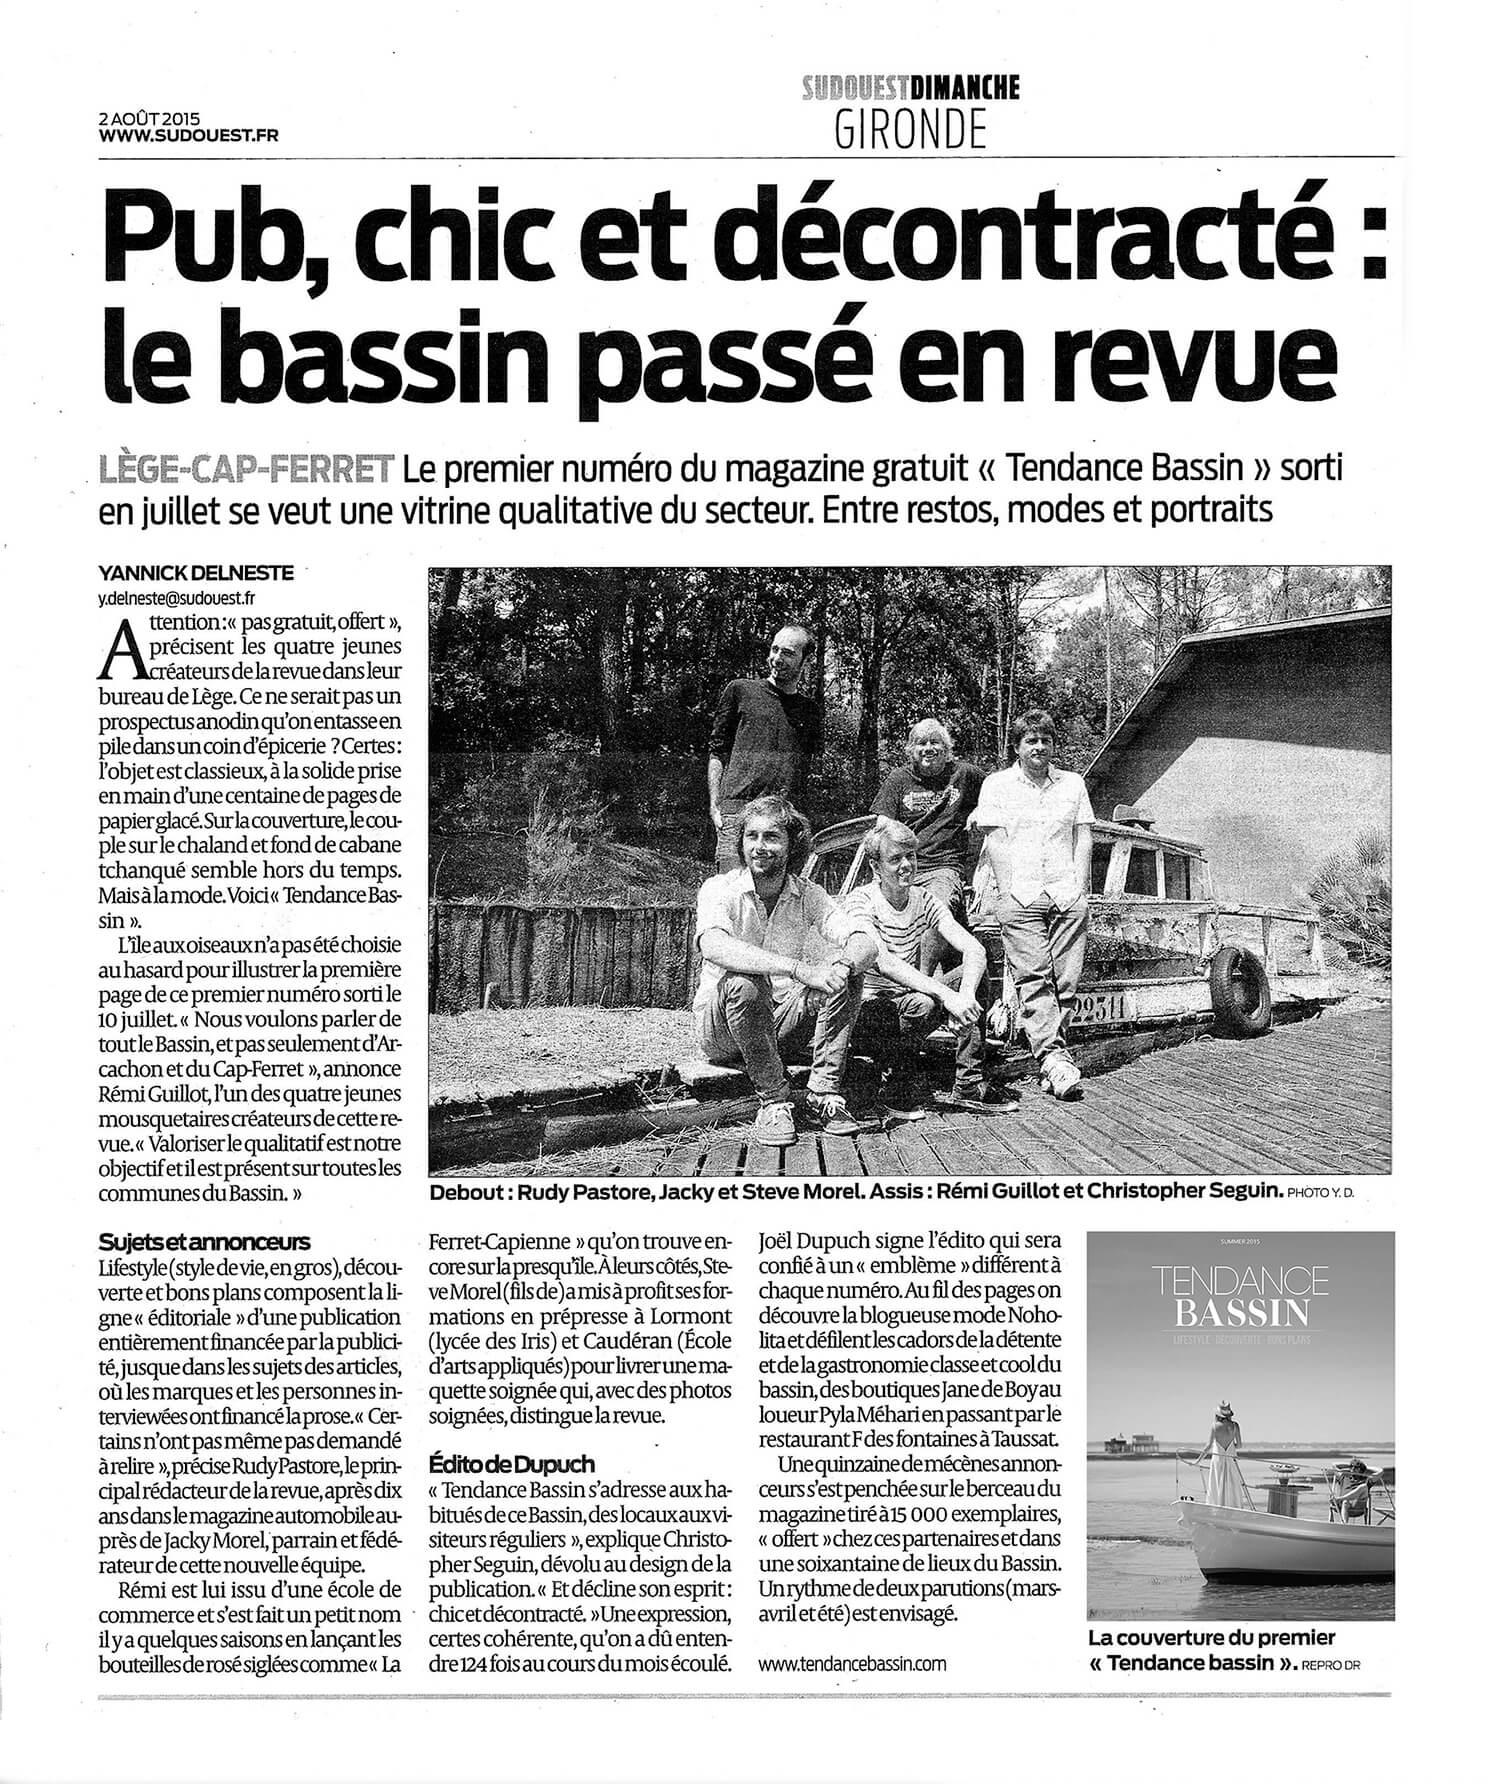 SUD OUEST DIMANCHE - Pub, chic et décontracté, le bassin passé en revue - 02/08/2015